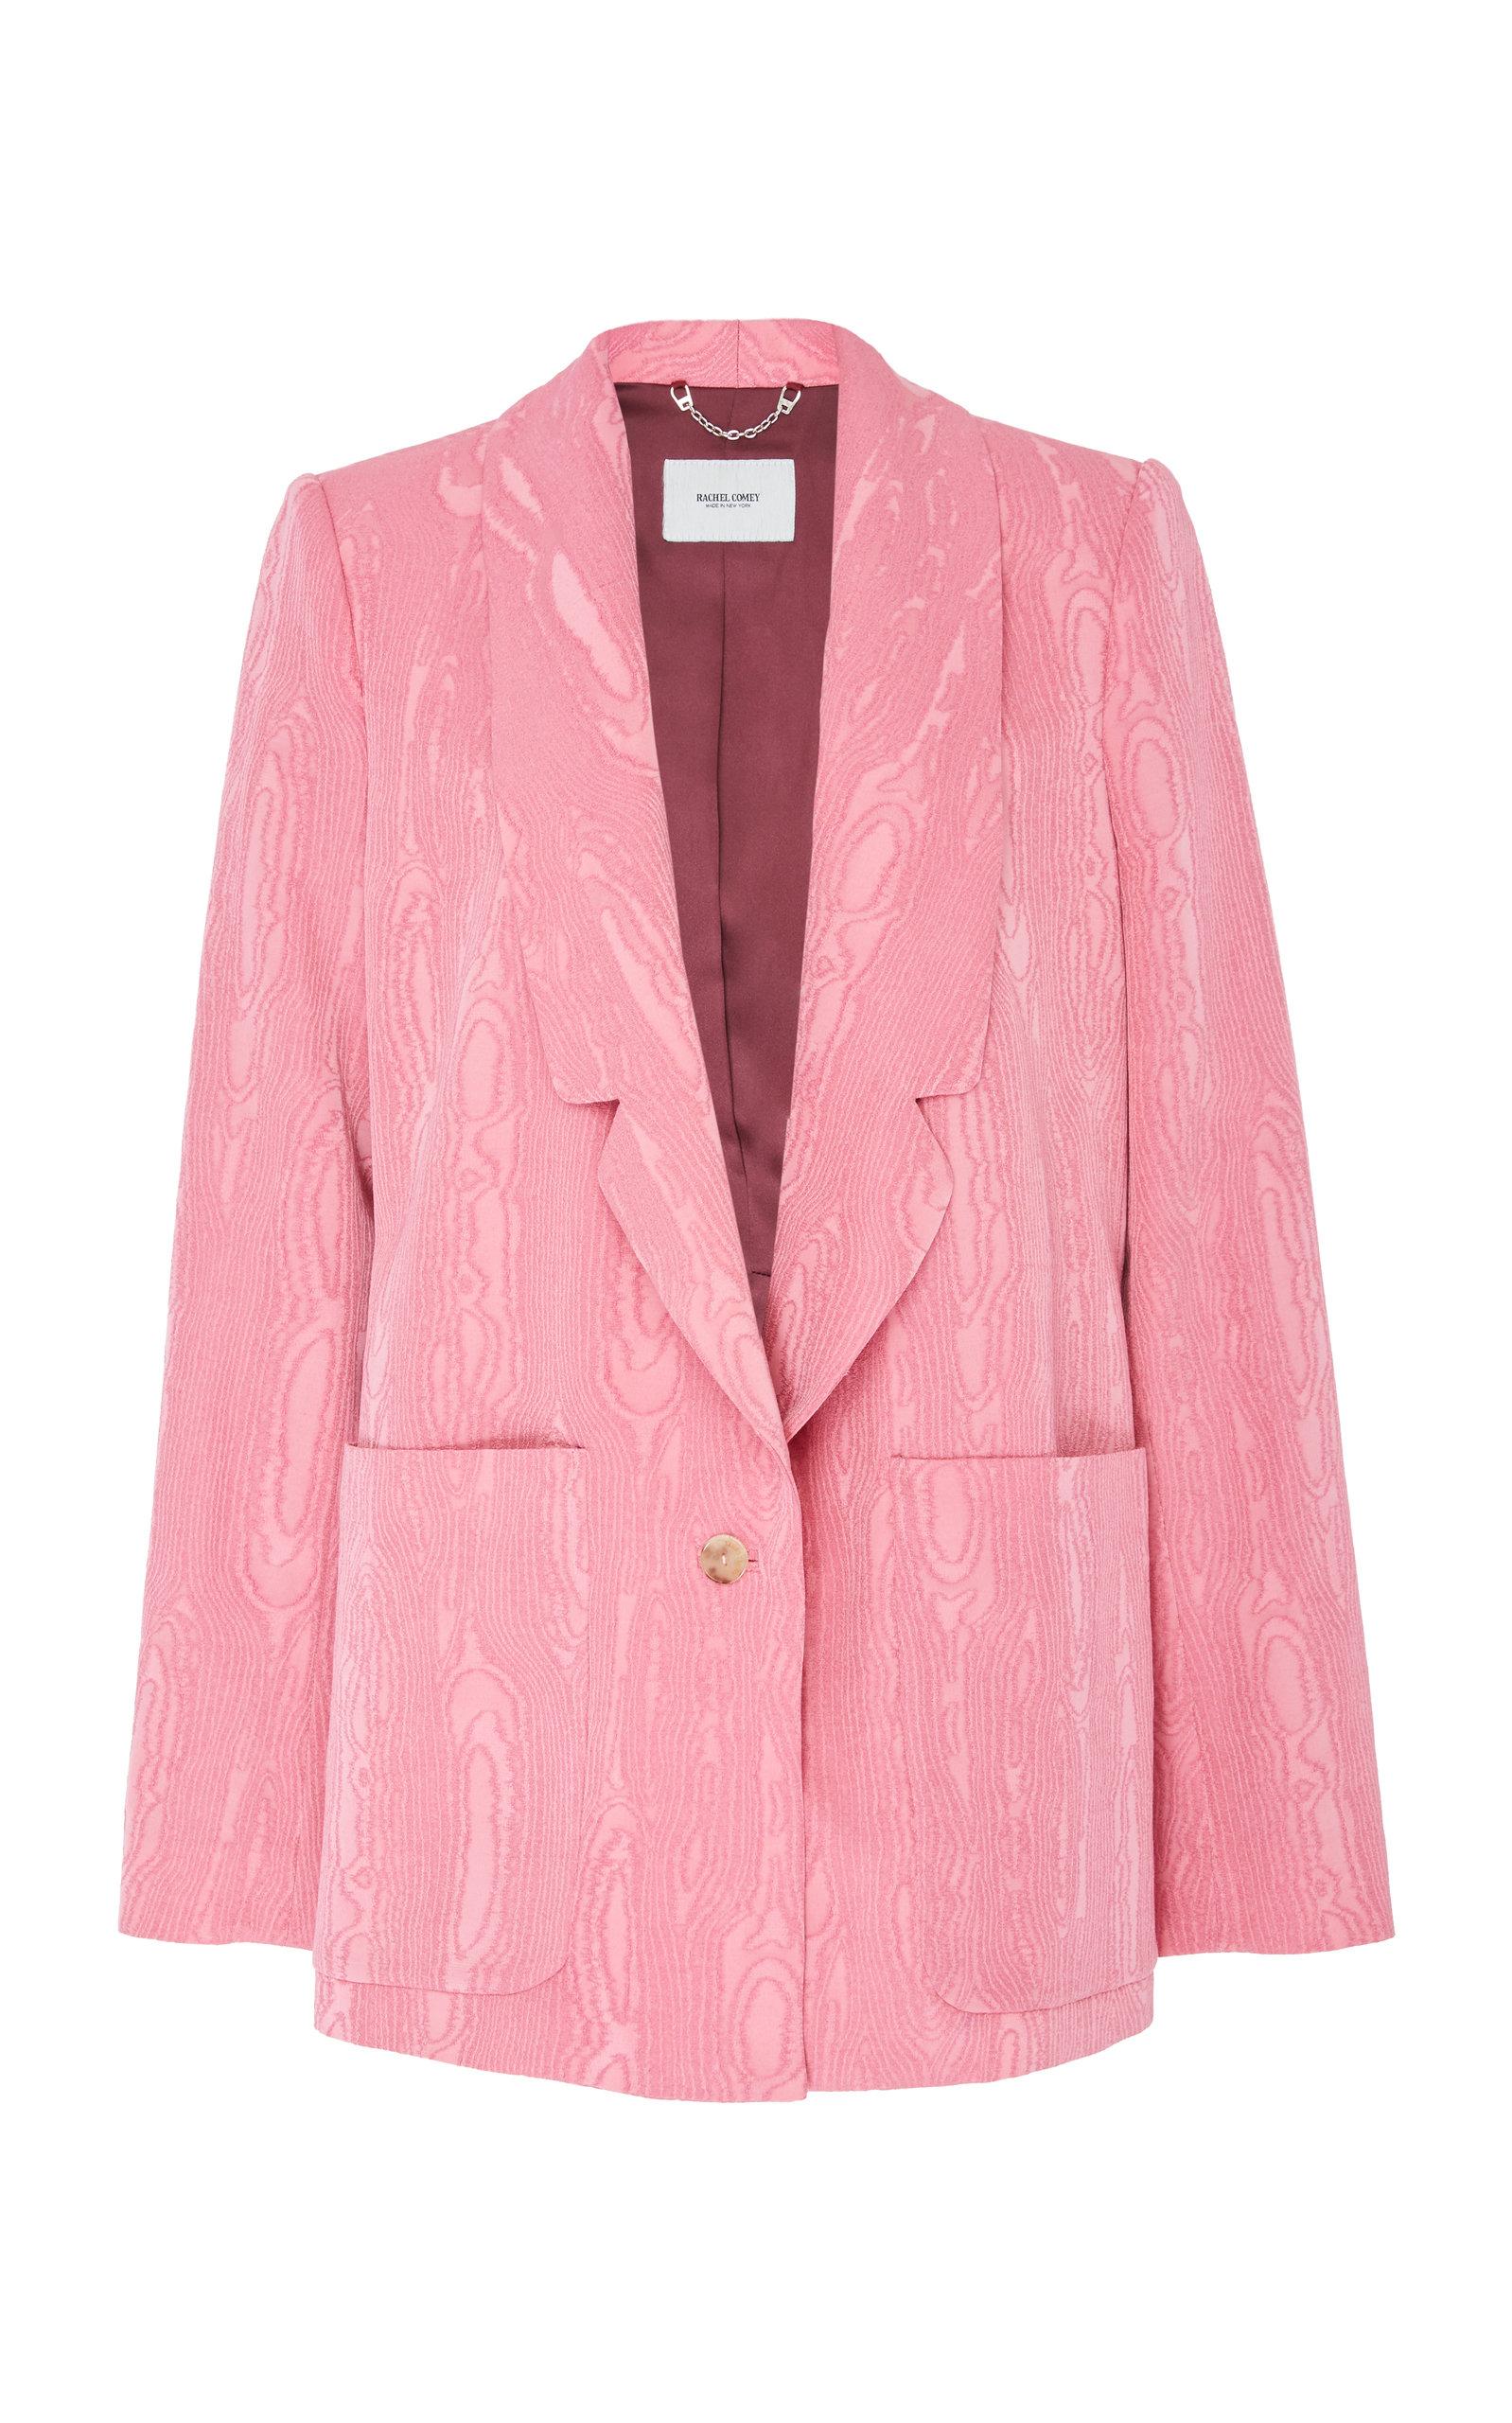 RACHEL COMEY Lovely Wool Blend Moire Blazer in Pink